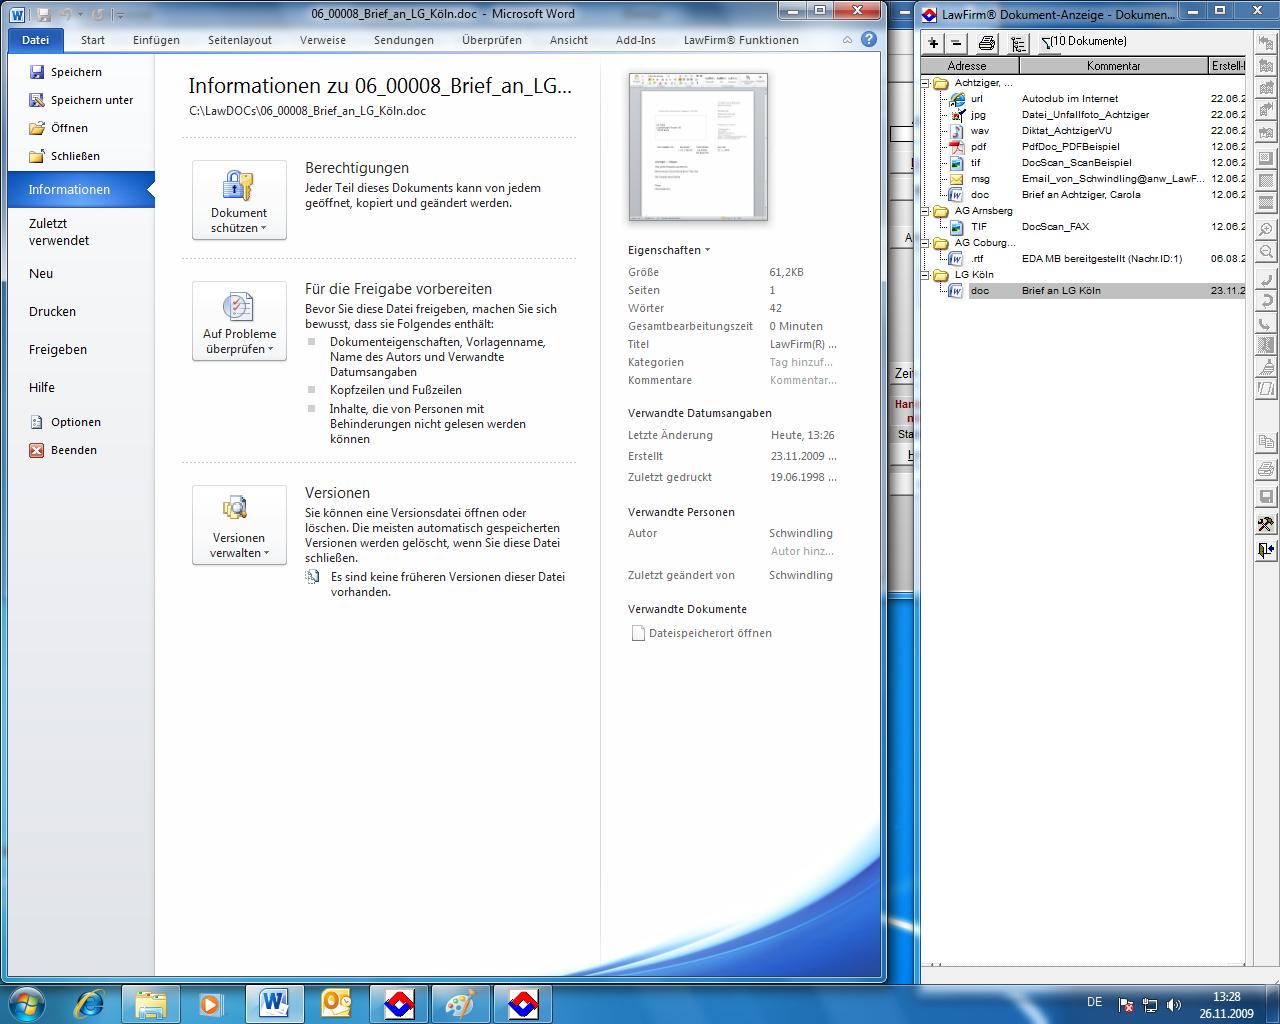 Lawfirm Mit Office 2010 Beta Getestet Bildergalerie